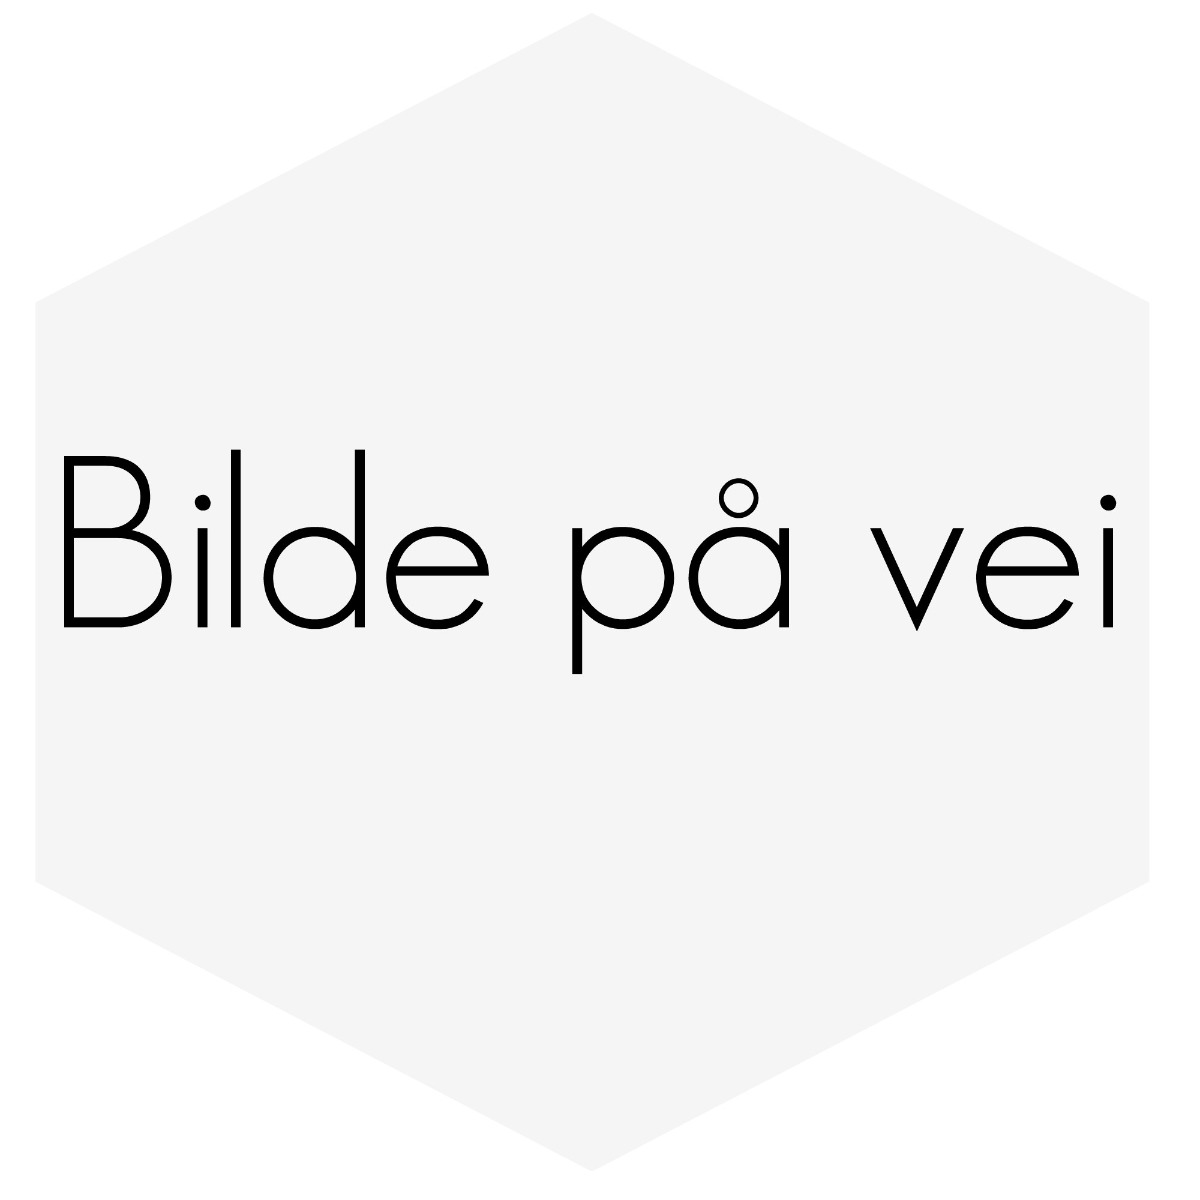 REP.SETT FOR FESTE HÅNDBREKK WIRE PÅ AKSEL 700/900